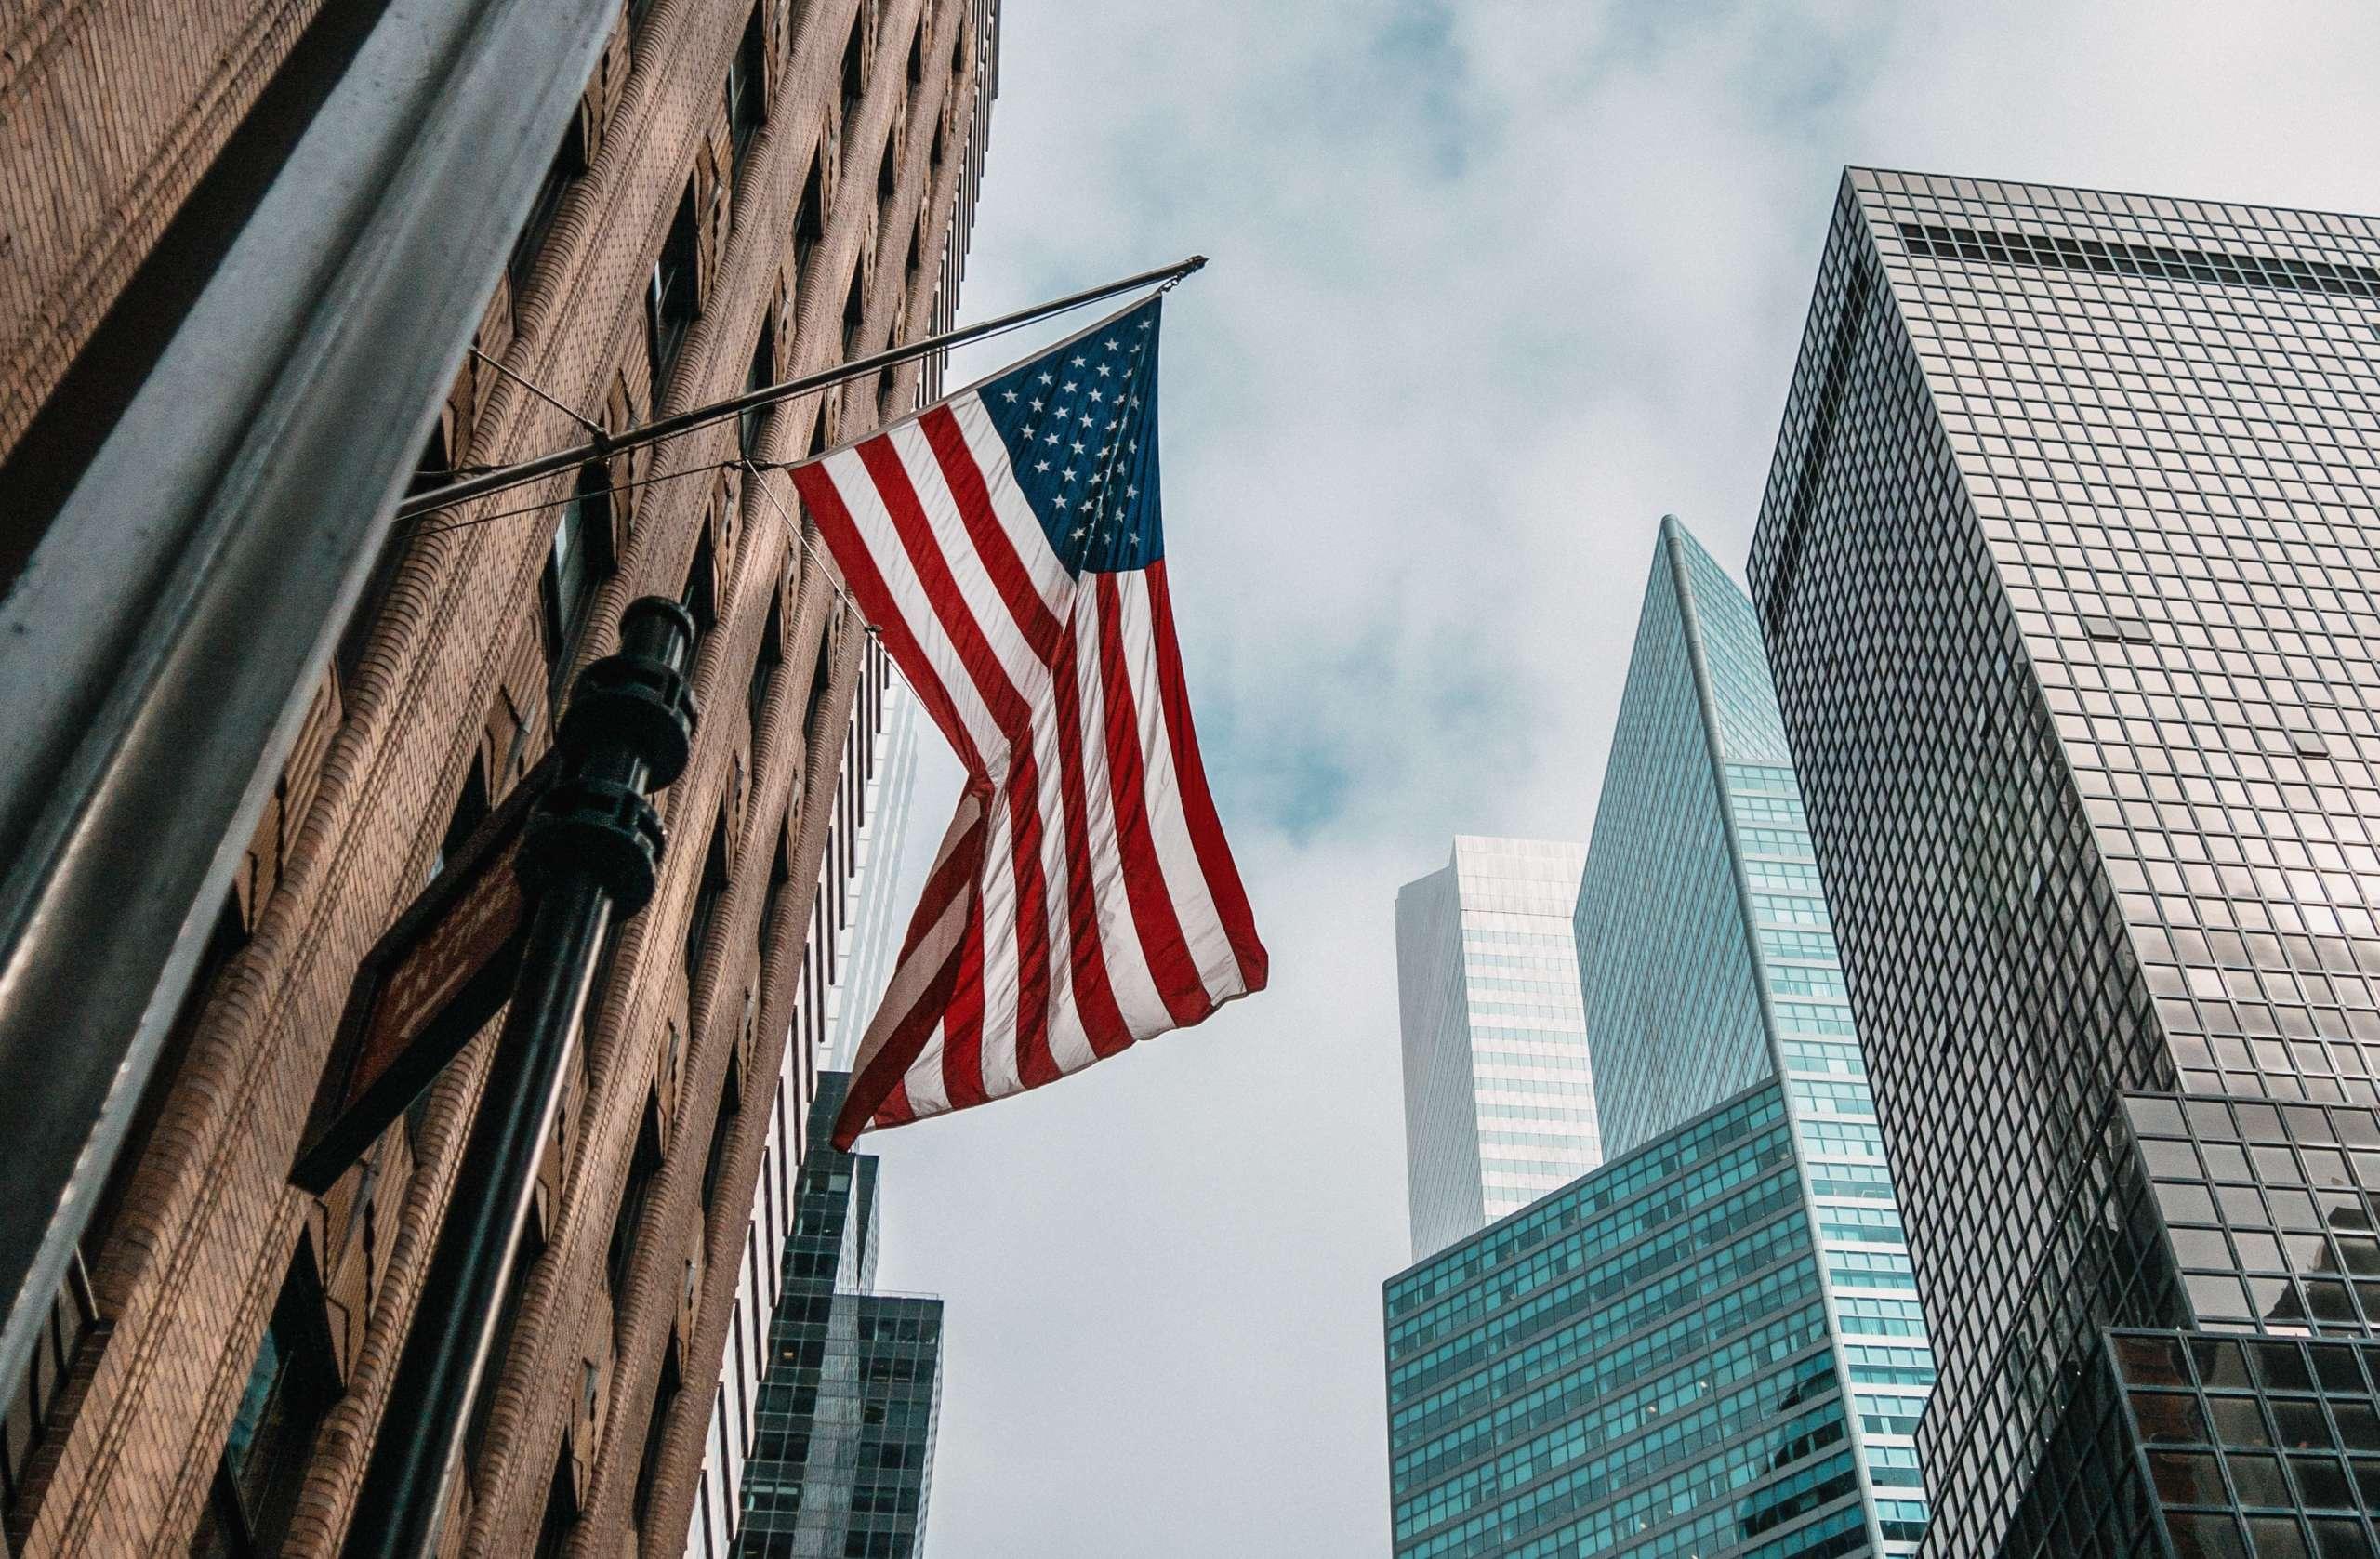 Viaje Sorpresa a USA Wish&Fly Estados Unidos de América